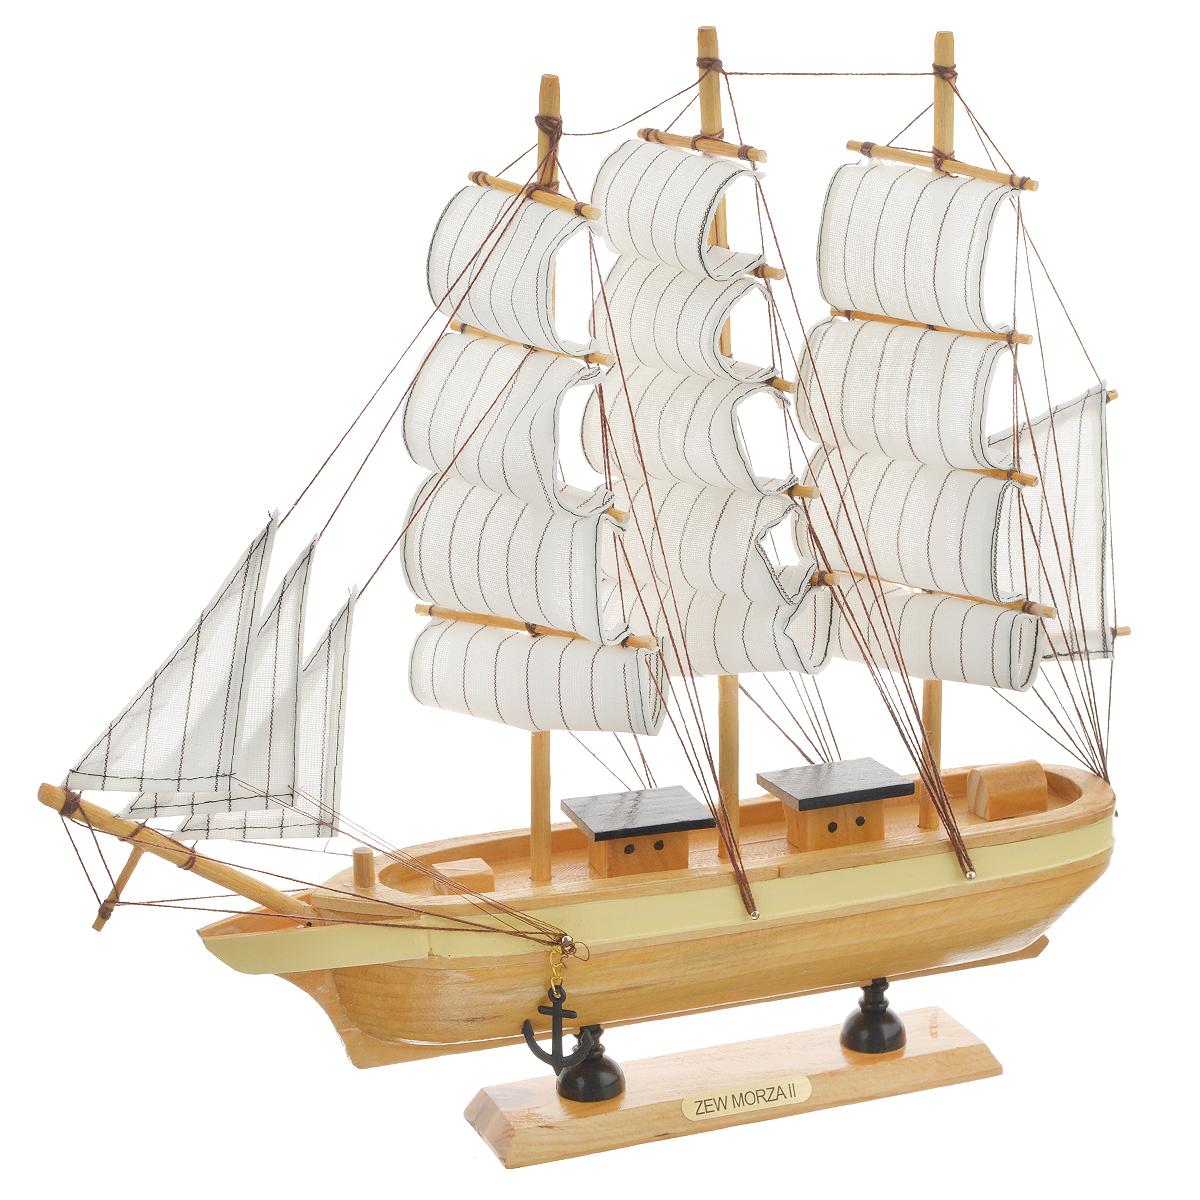 Корабль сувенирный Zew Morza, длина 32 смTHN132NСувенирный корабль Zew Morza, изготовленный из дерева и текстиля, это великолепный элемент декора рабочей зоны в офисе или кабинете. Корабль с парусами и якорями помещен на деревянную подставку. Время идет, и мы становимся свидетелями развития технического прогресса, новых учений и практик. Но одно не подвластно времени - это любовь человека к морю и кораблям. Сувенирный корабль наполнен историей и силой океанских вод. Данная модель кораблика станет отличным подарком для всех любителей морей, поклонников историй о покорении океанов и неизведанных земель. Модель корабля - подарок со смыслом. Издавна на Руси считалось, что корабли приносят удачу и везение. Поэтому их изображения, фигурки и точные копии всегда присутствовали в помещениях. Удивите себя и своих близких необычным презентом.